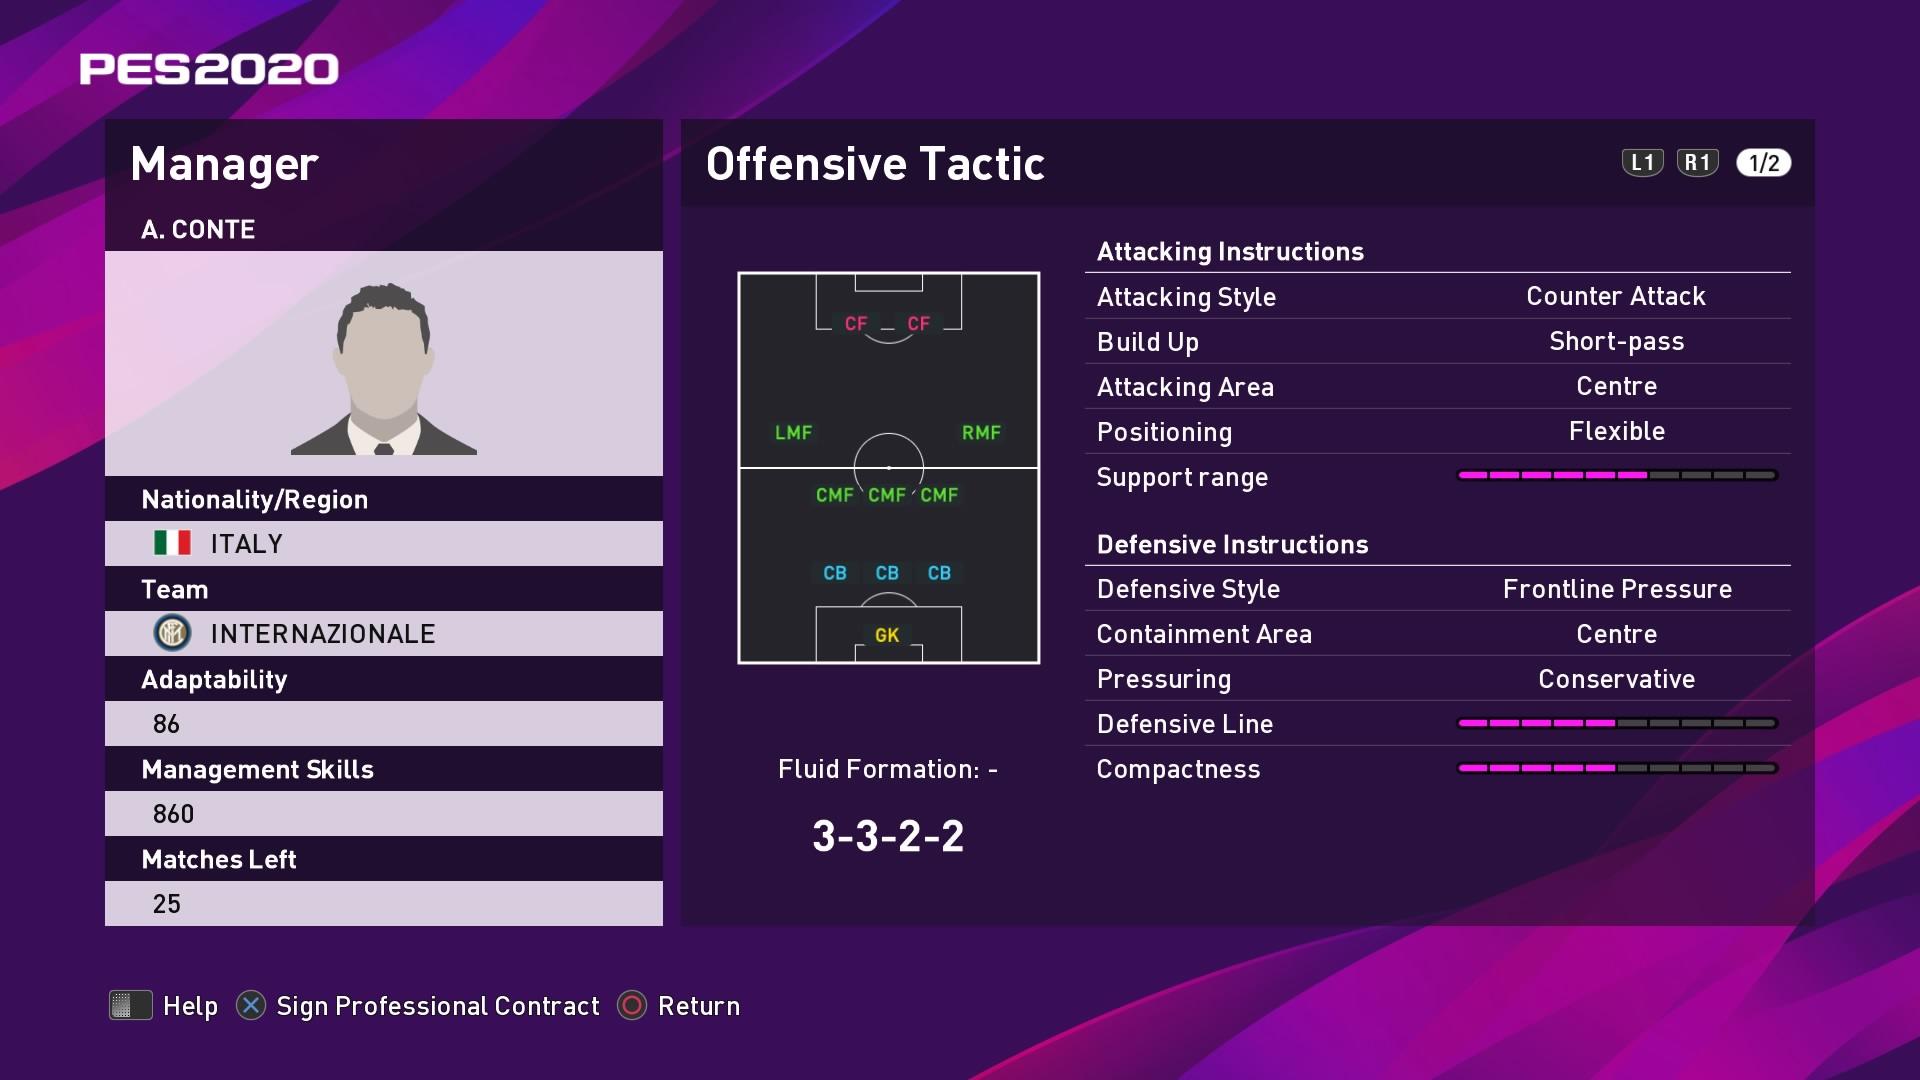 A. Conte (Antonio Conte) Offensive Tactic in PES 2020 myClub